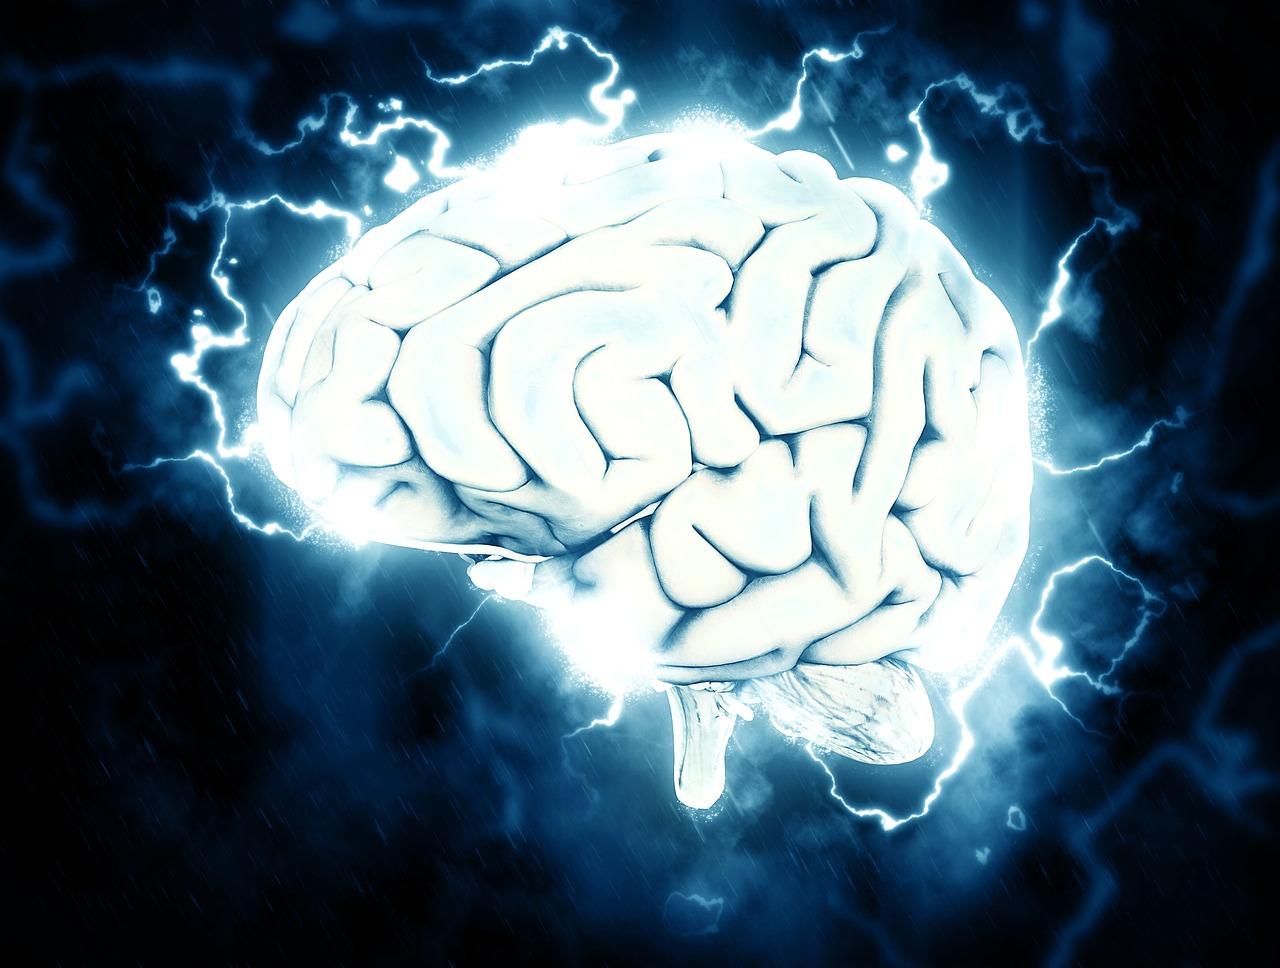 """""""עברת אירוע מוחי קל"""" אמר המתמחה לחולה שנותרה עם שיתוק קשה"""